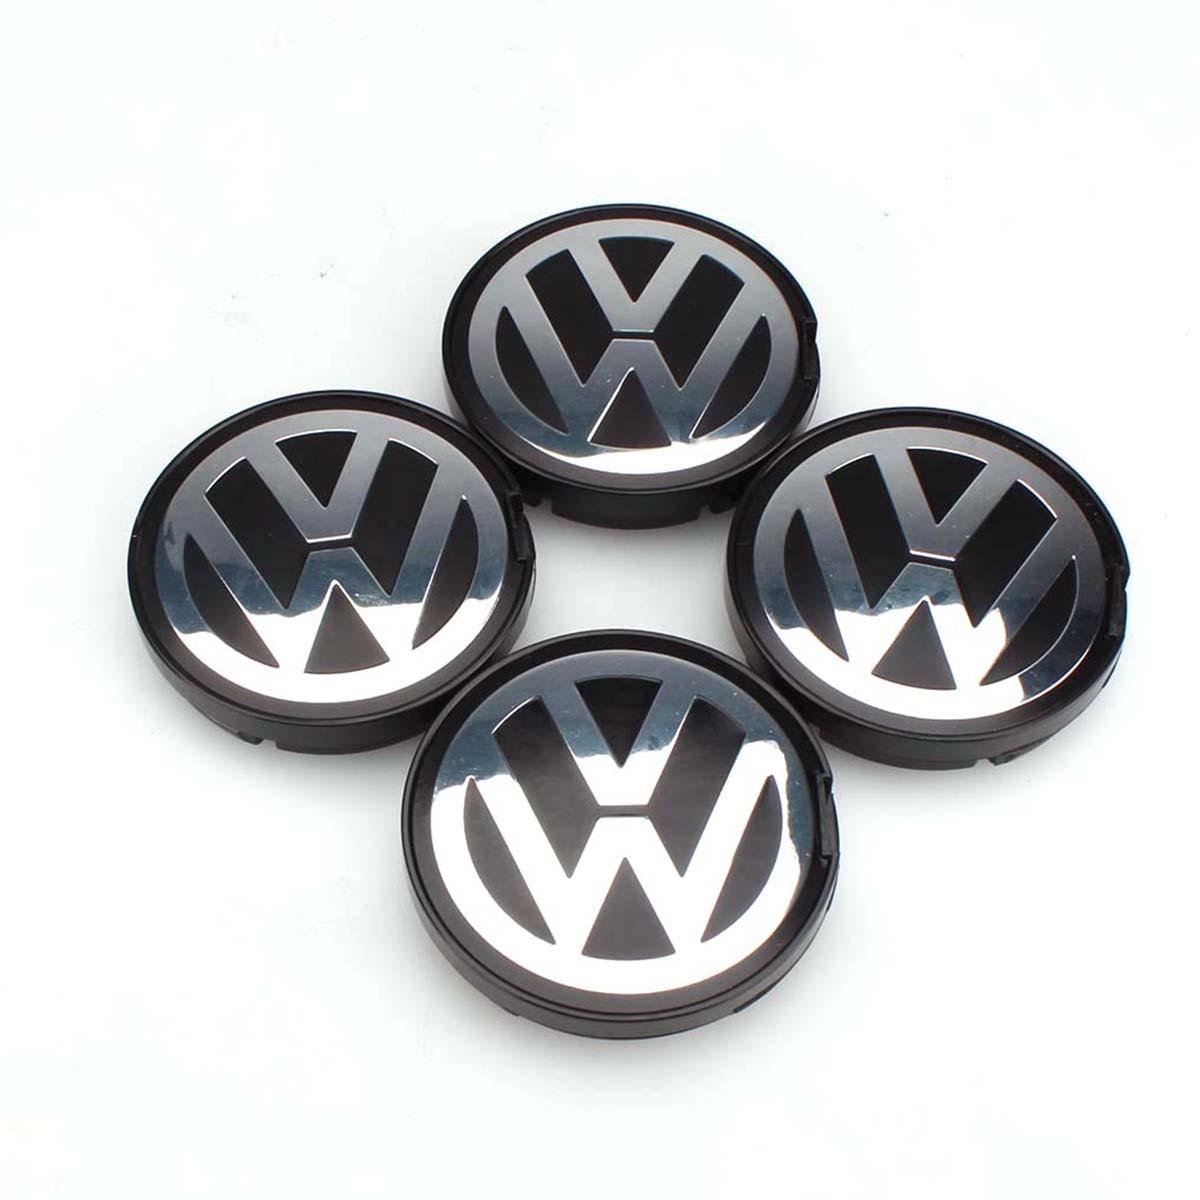 OEM Hub Logo Emblem 55mm del Centro di Rotella della Protezione Della Protezione di Mozzo Della Copertura per il VW Volkswagen Golf Jetta Passat GTI R32 Bora 6N0 601 171